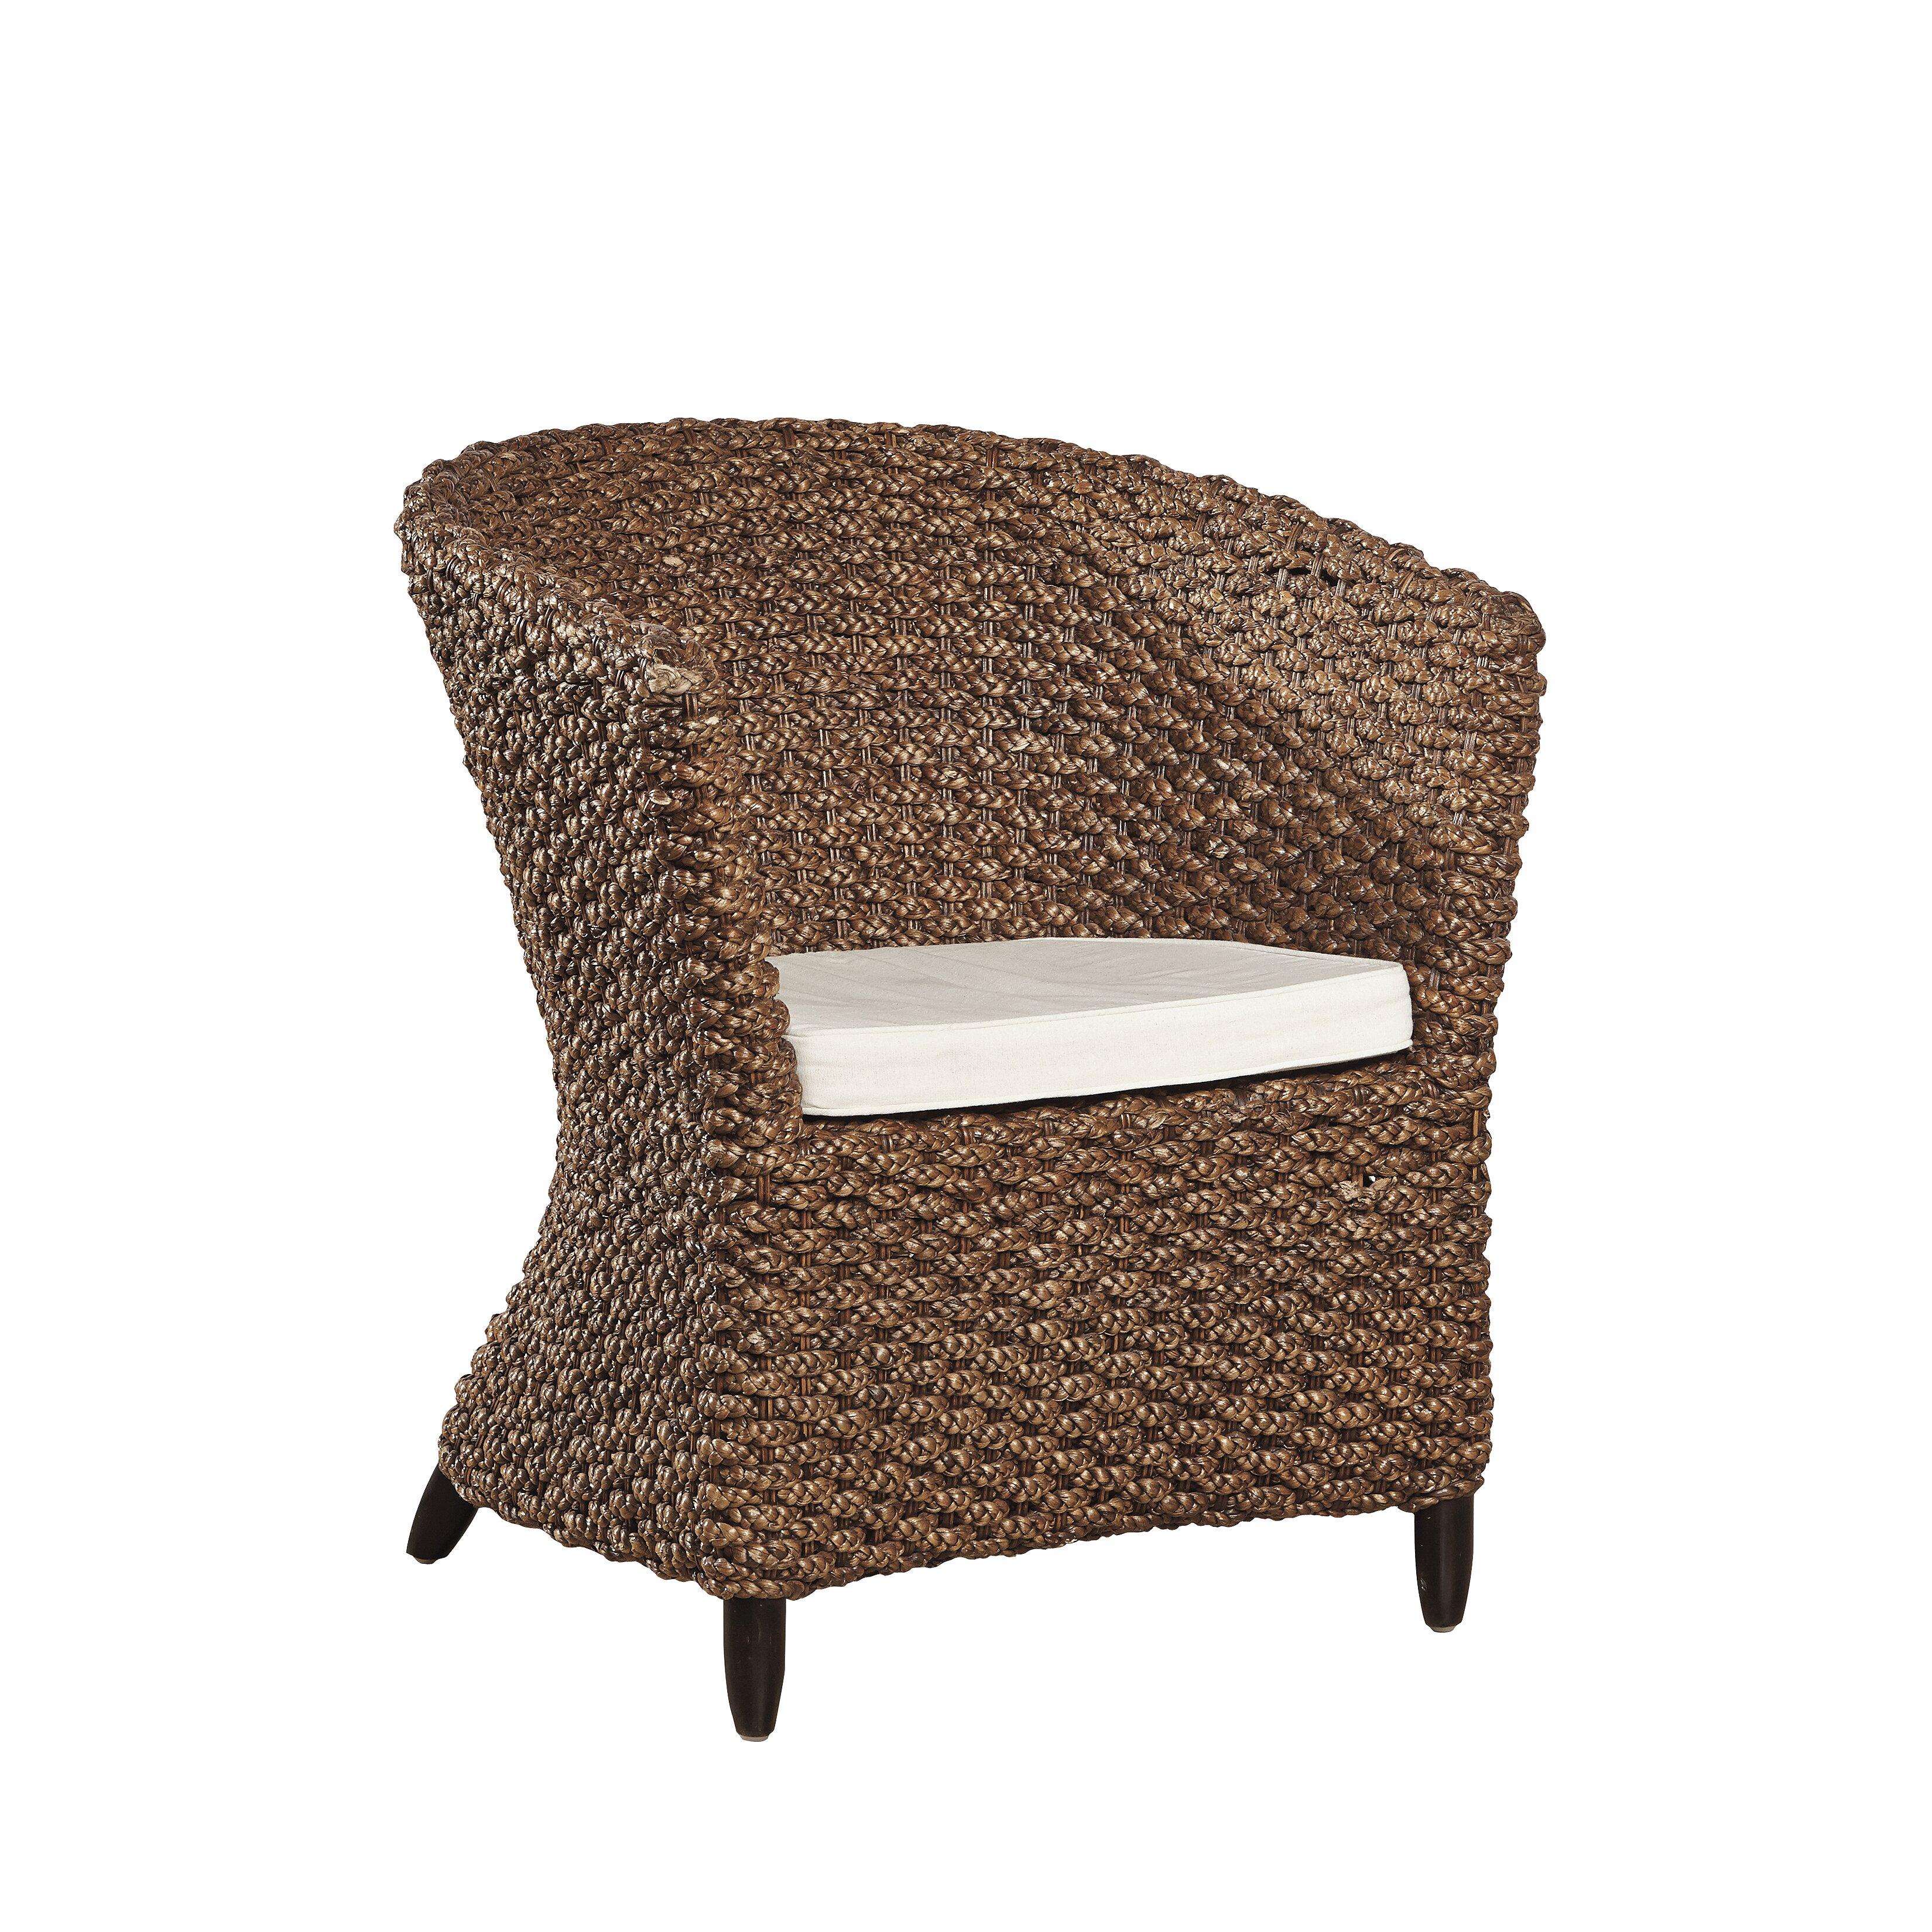 Loren Chair With Cushion